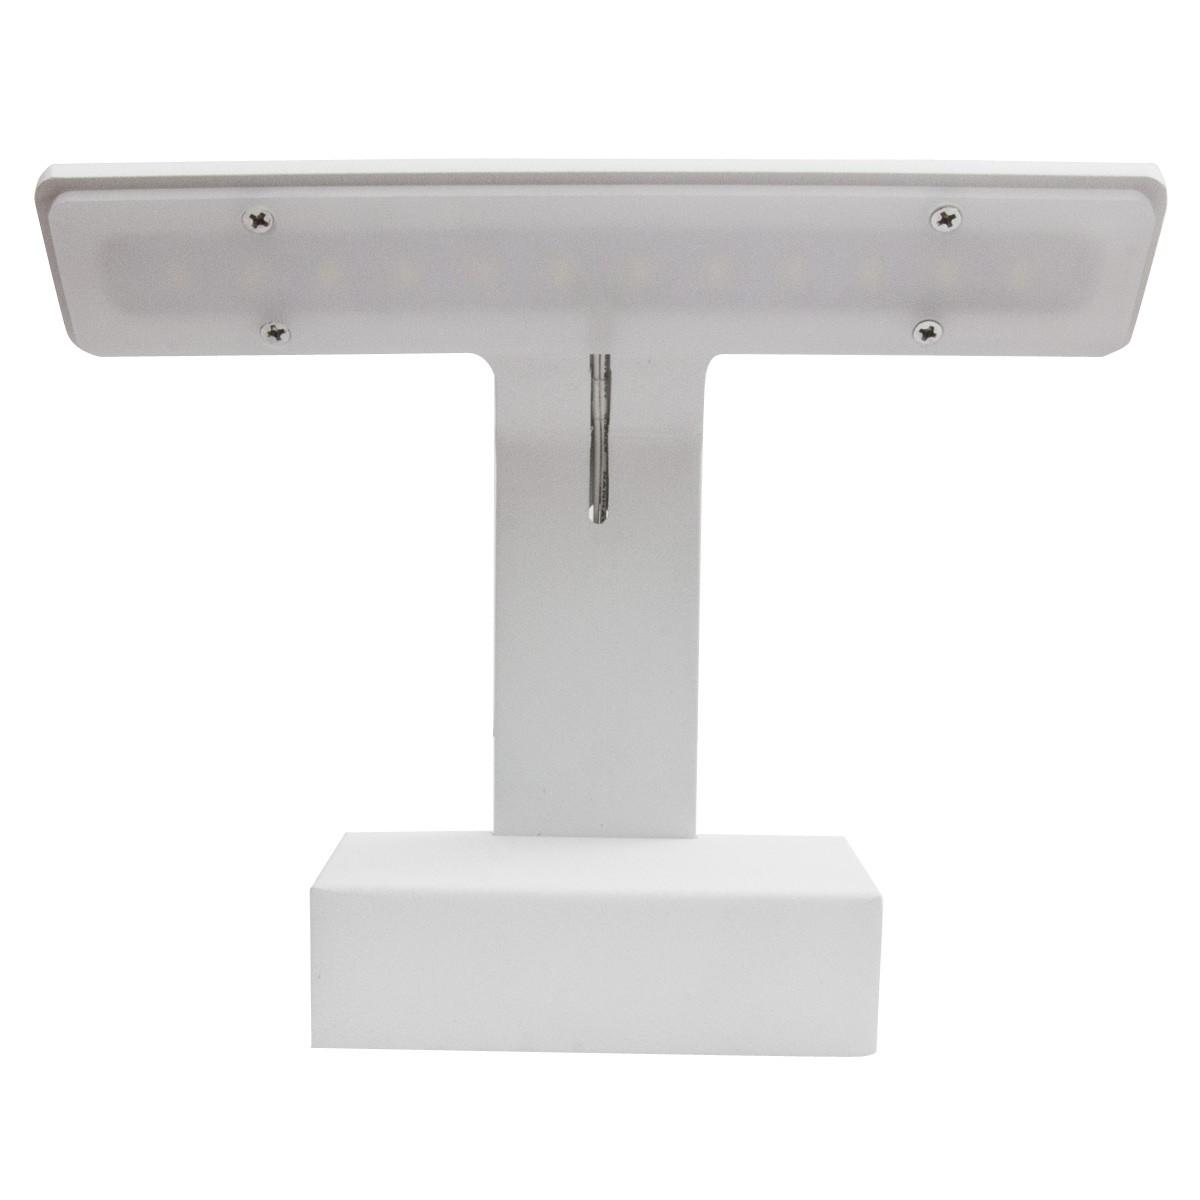 Applique bianco luce led da quadro 6w 3000k isyluce area - Faretto specchio bagno ...